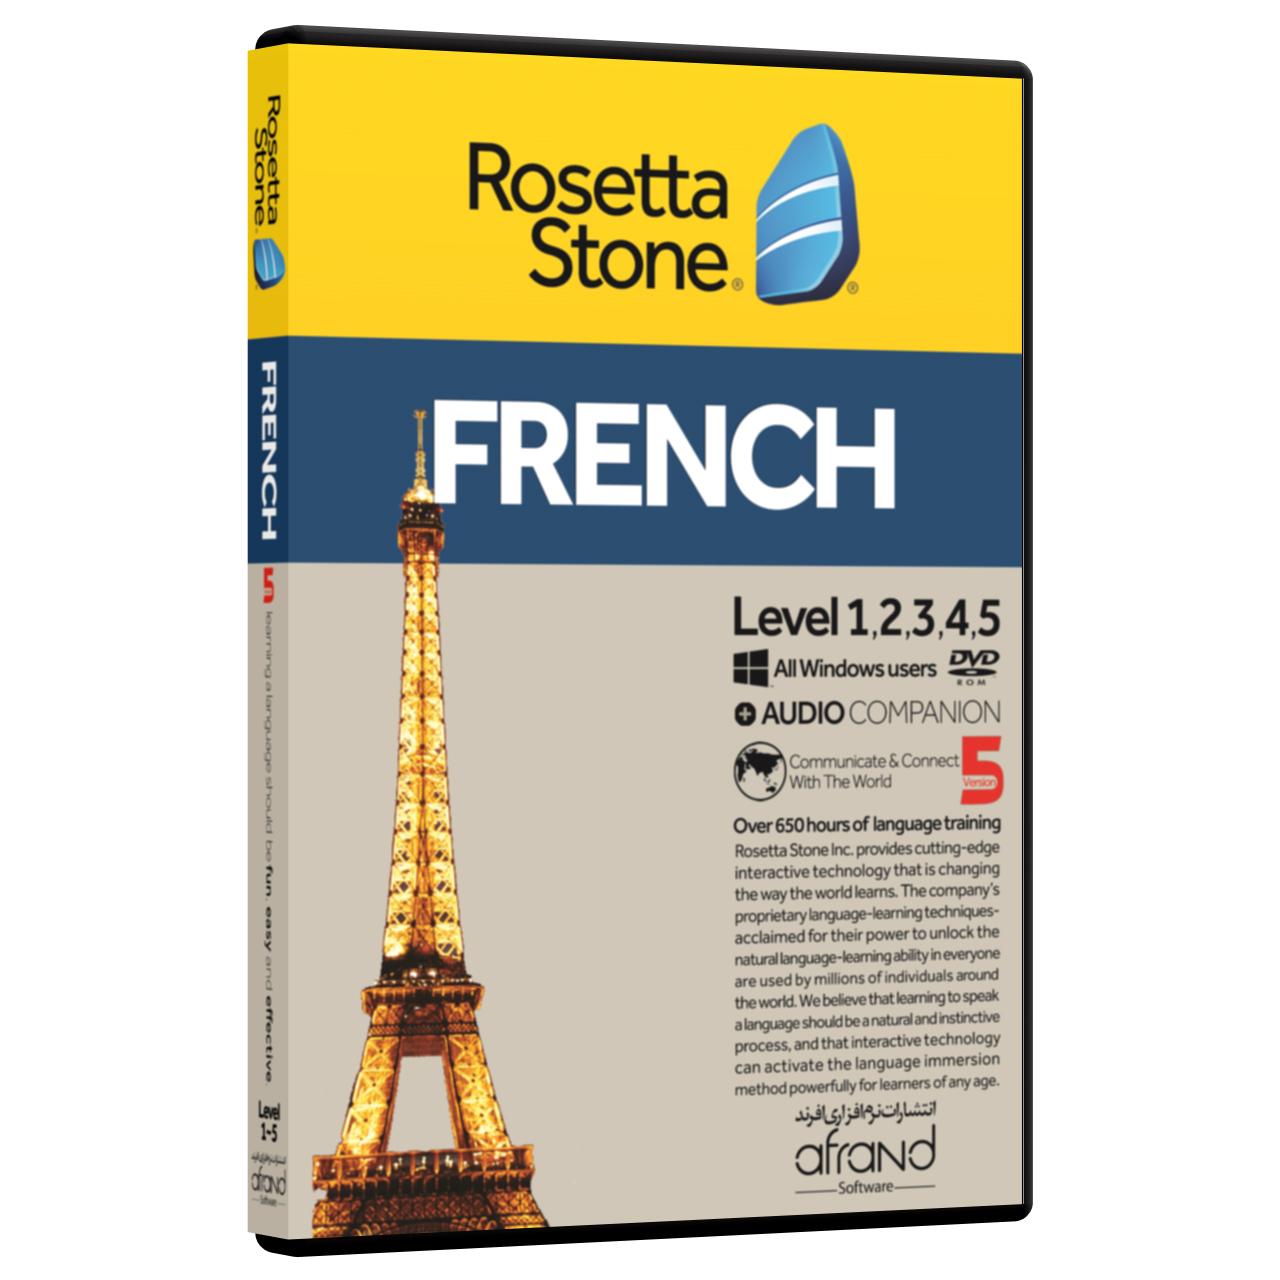 نرم افزار آموزش زبان فرانسوی رزتااستون نسخه 5 انتشارات نرم افزاری افرند